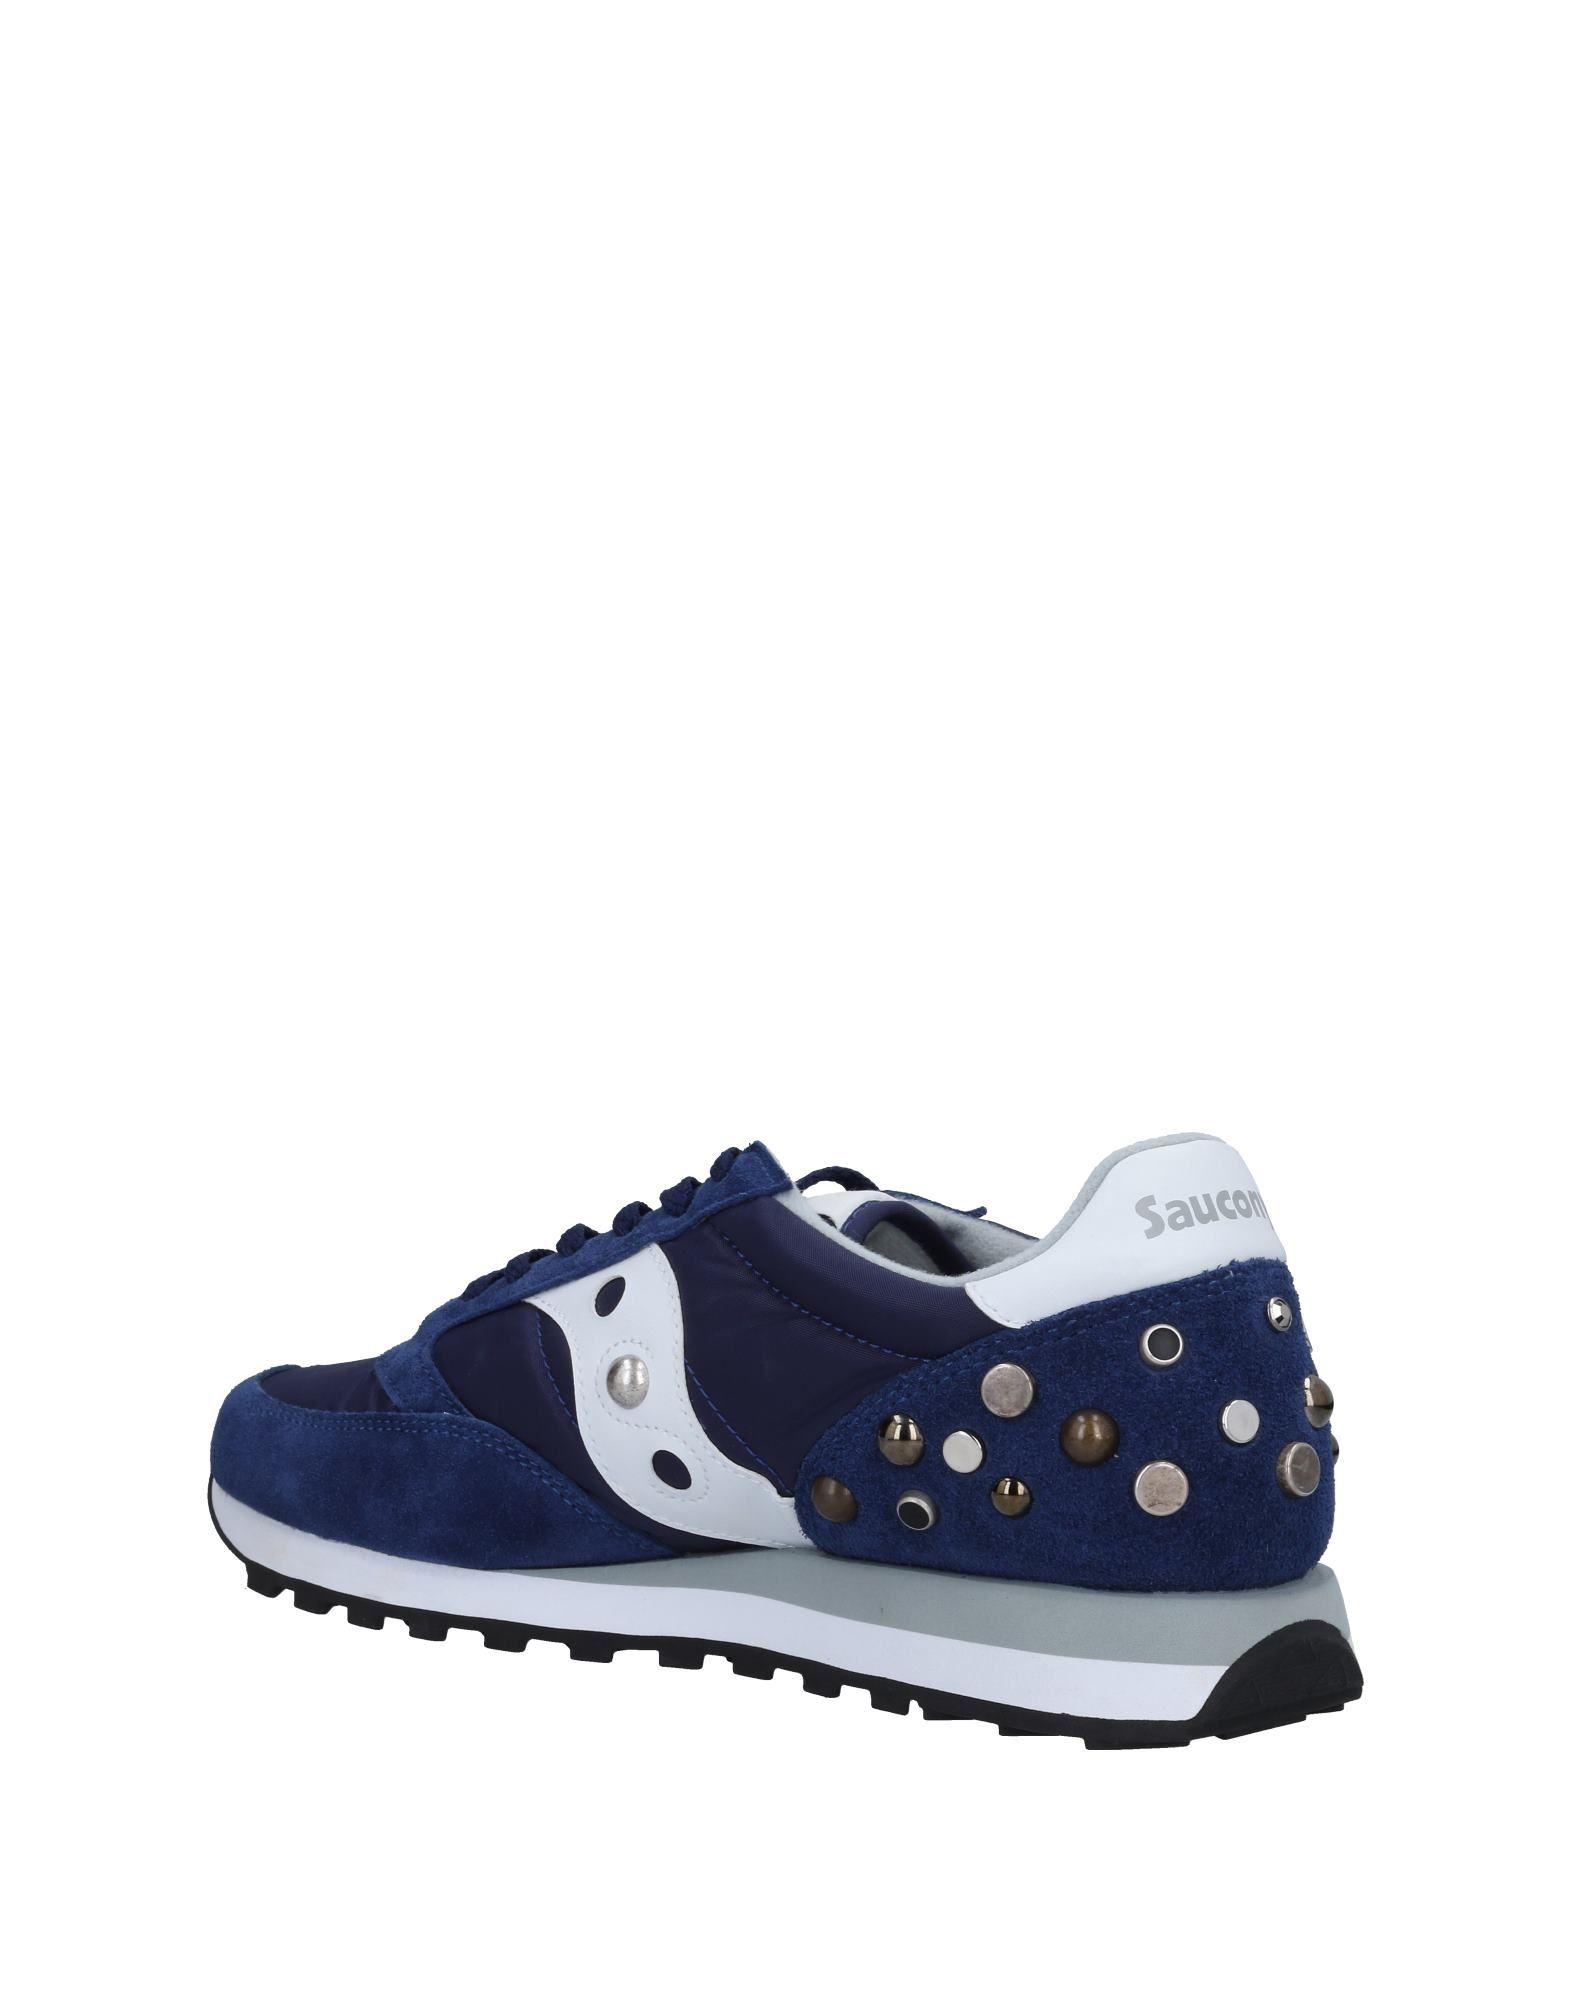 Rabatt Herren echte Schuhe Saucony Sneakers Herren Rabatt  11496910OI b113cc